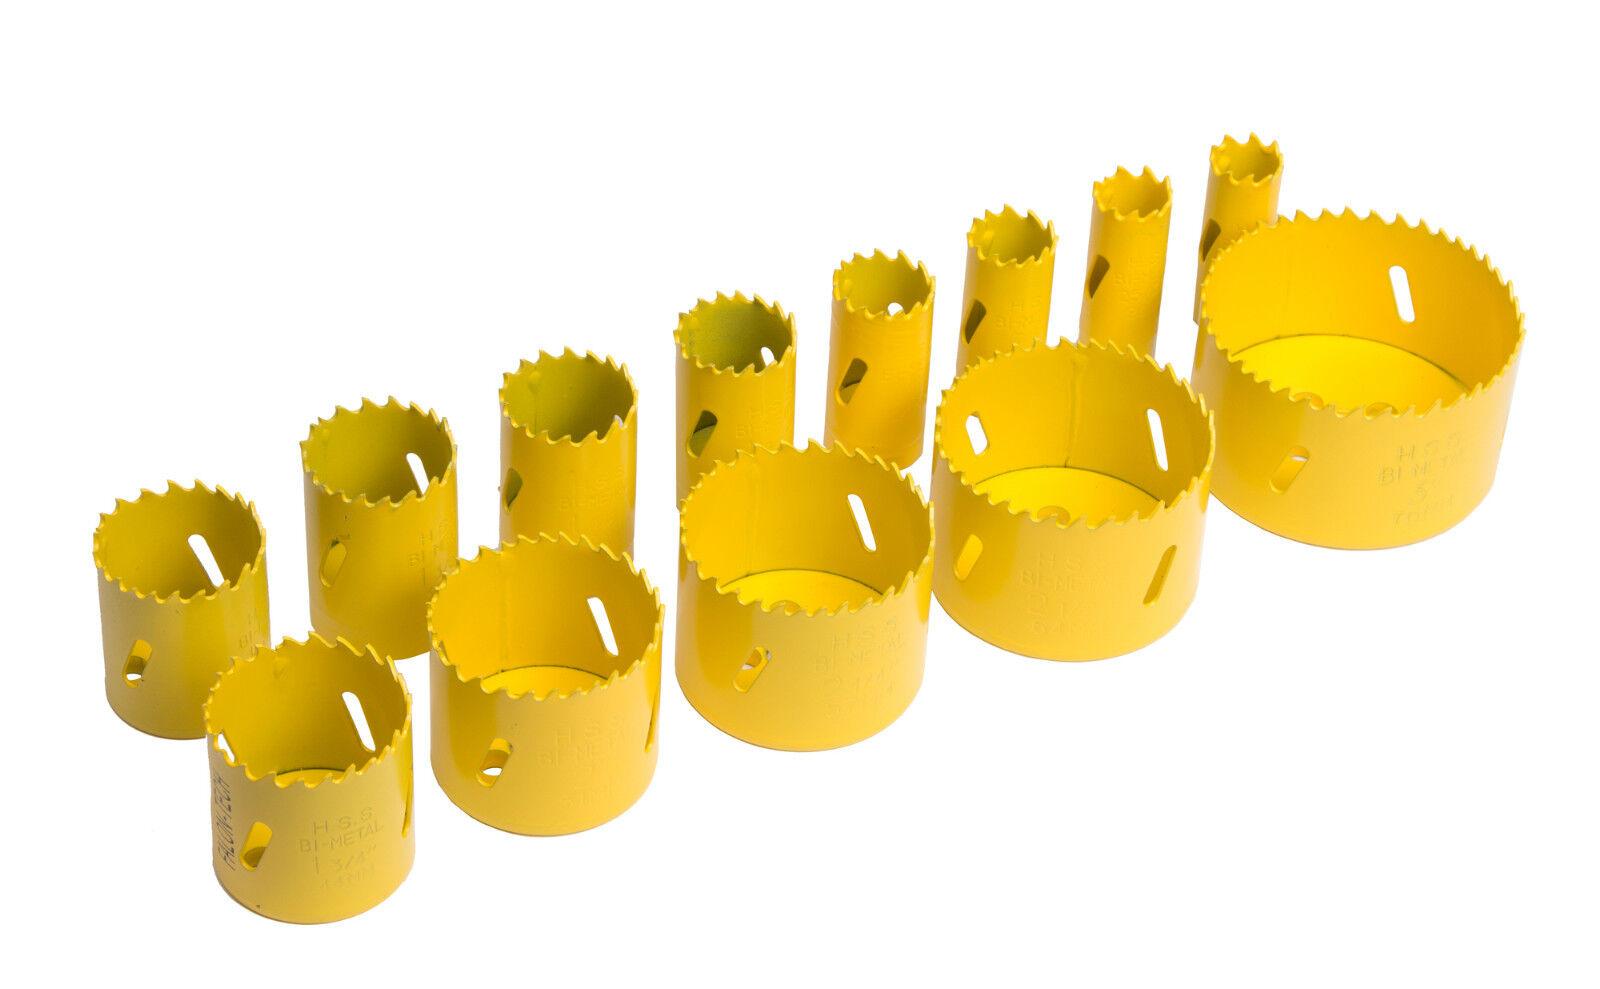 5 de latón-eisenfb ojales de metal botones con marrón brillante anillo 4365mg-23